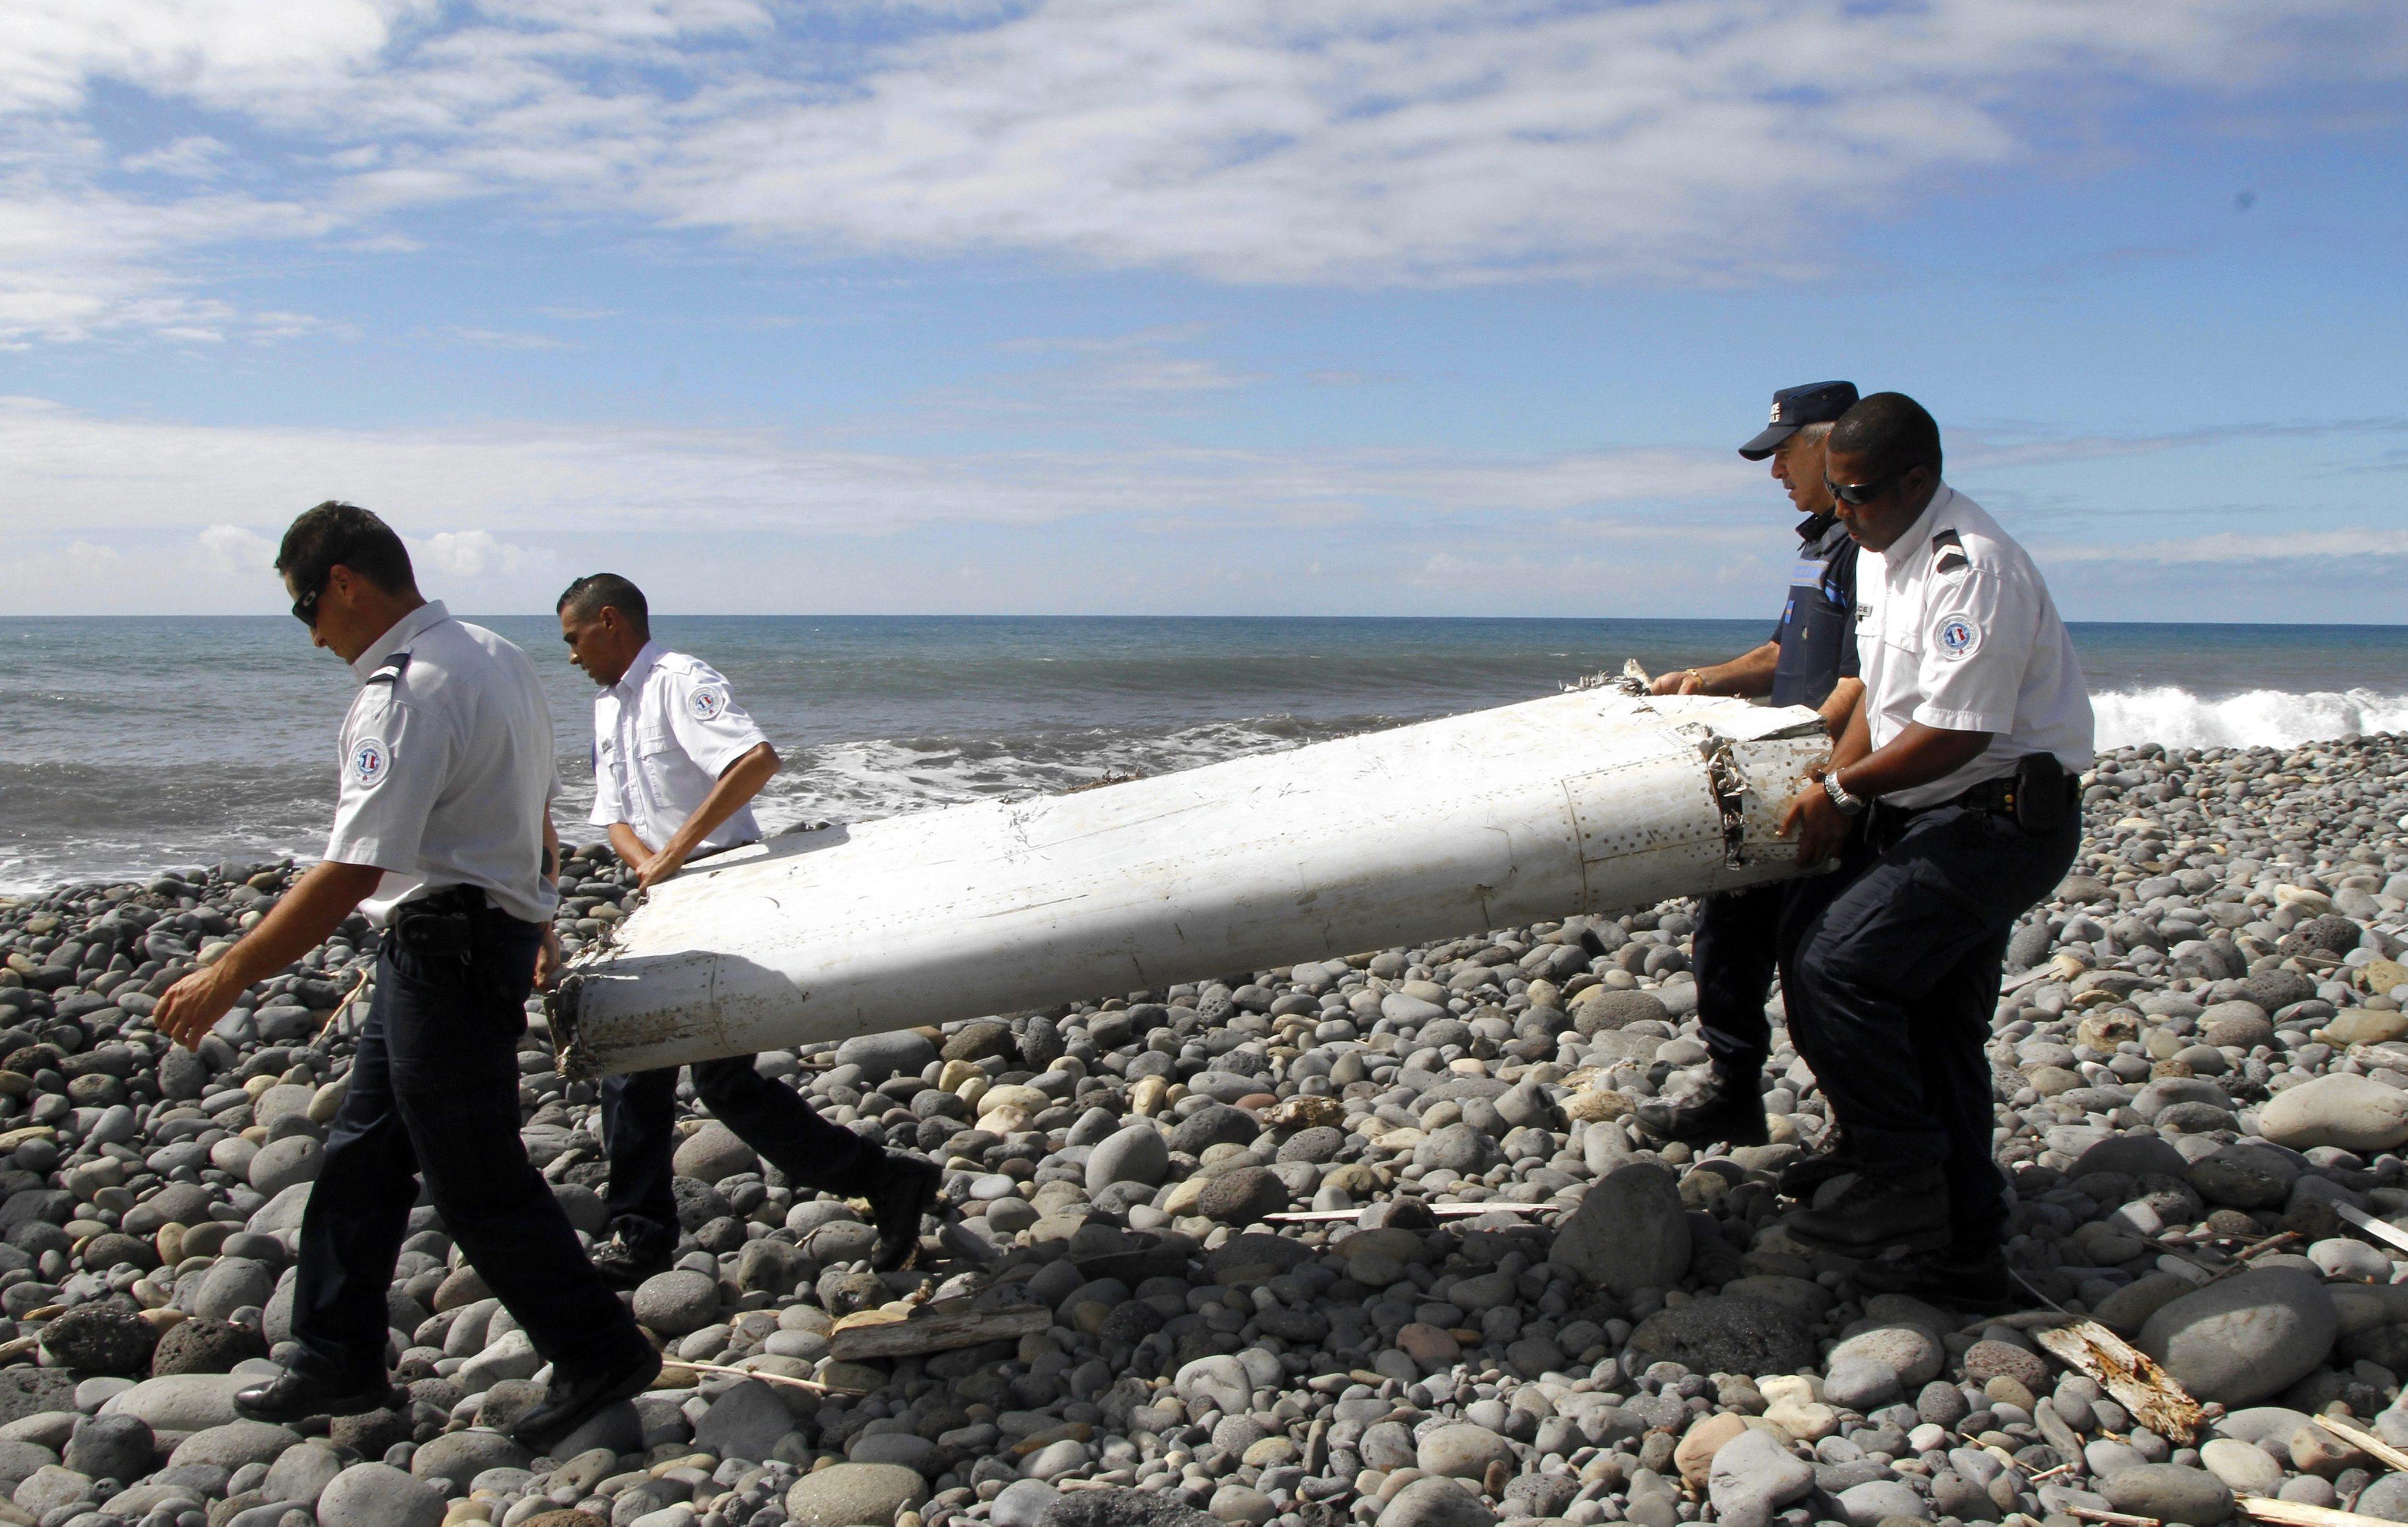 Posibil fragment al zborului MH370, al Malaysia Airlines, disparut acum doi ani, descoperit pe o insula in Oceanul Indian